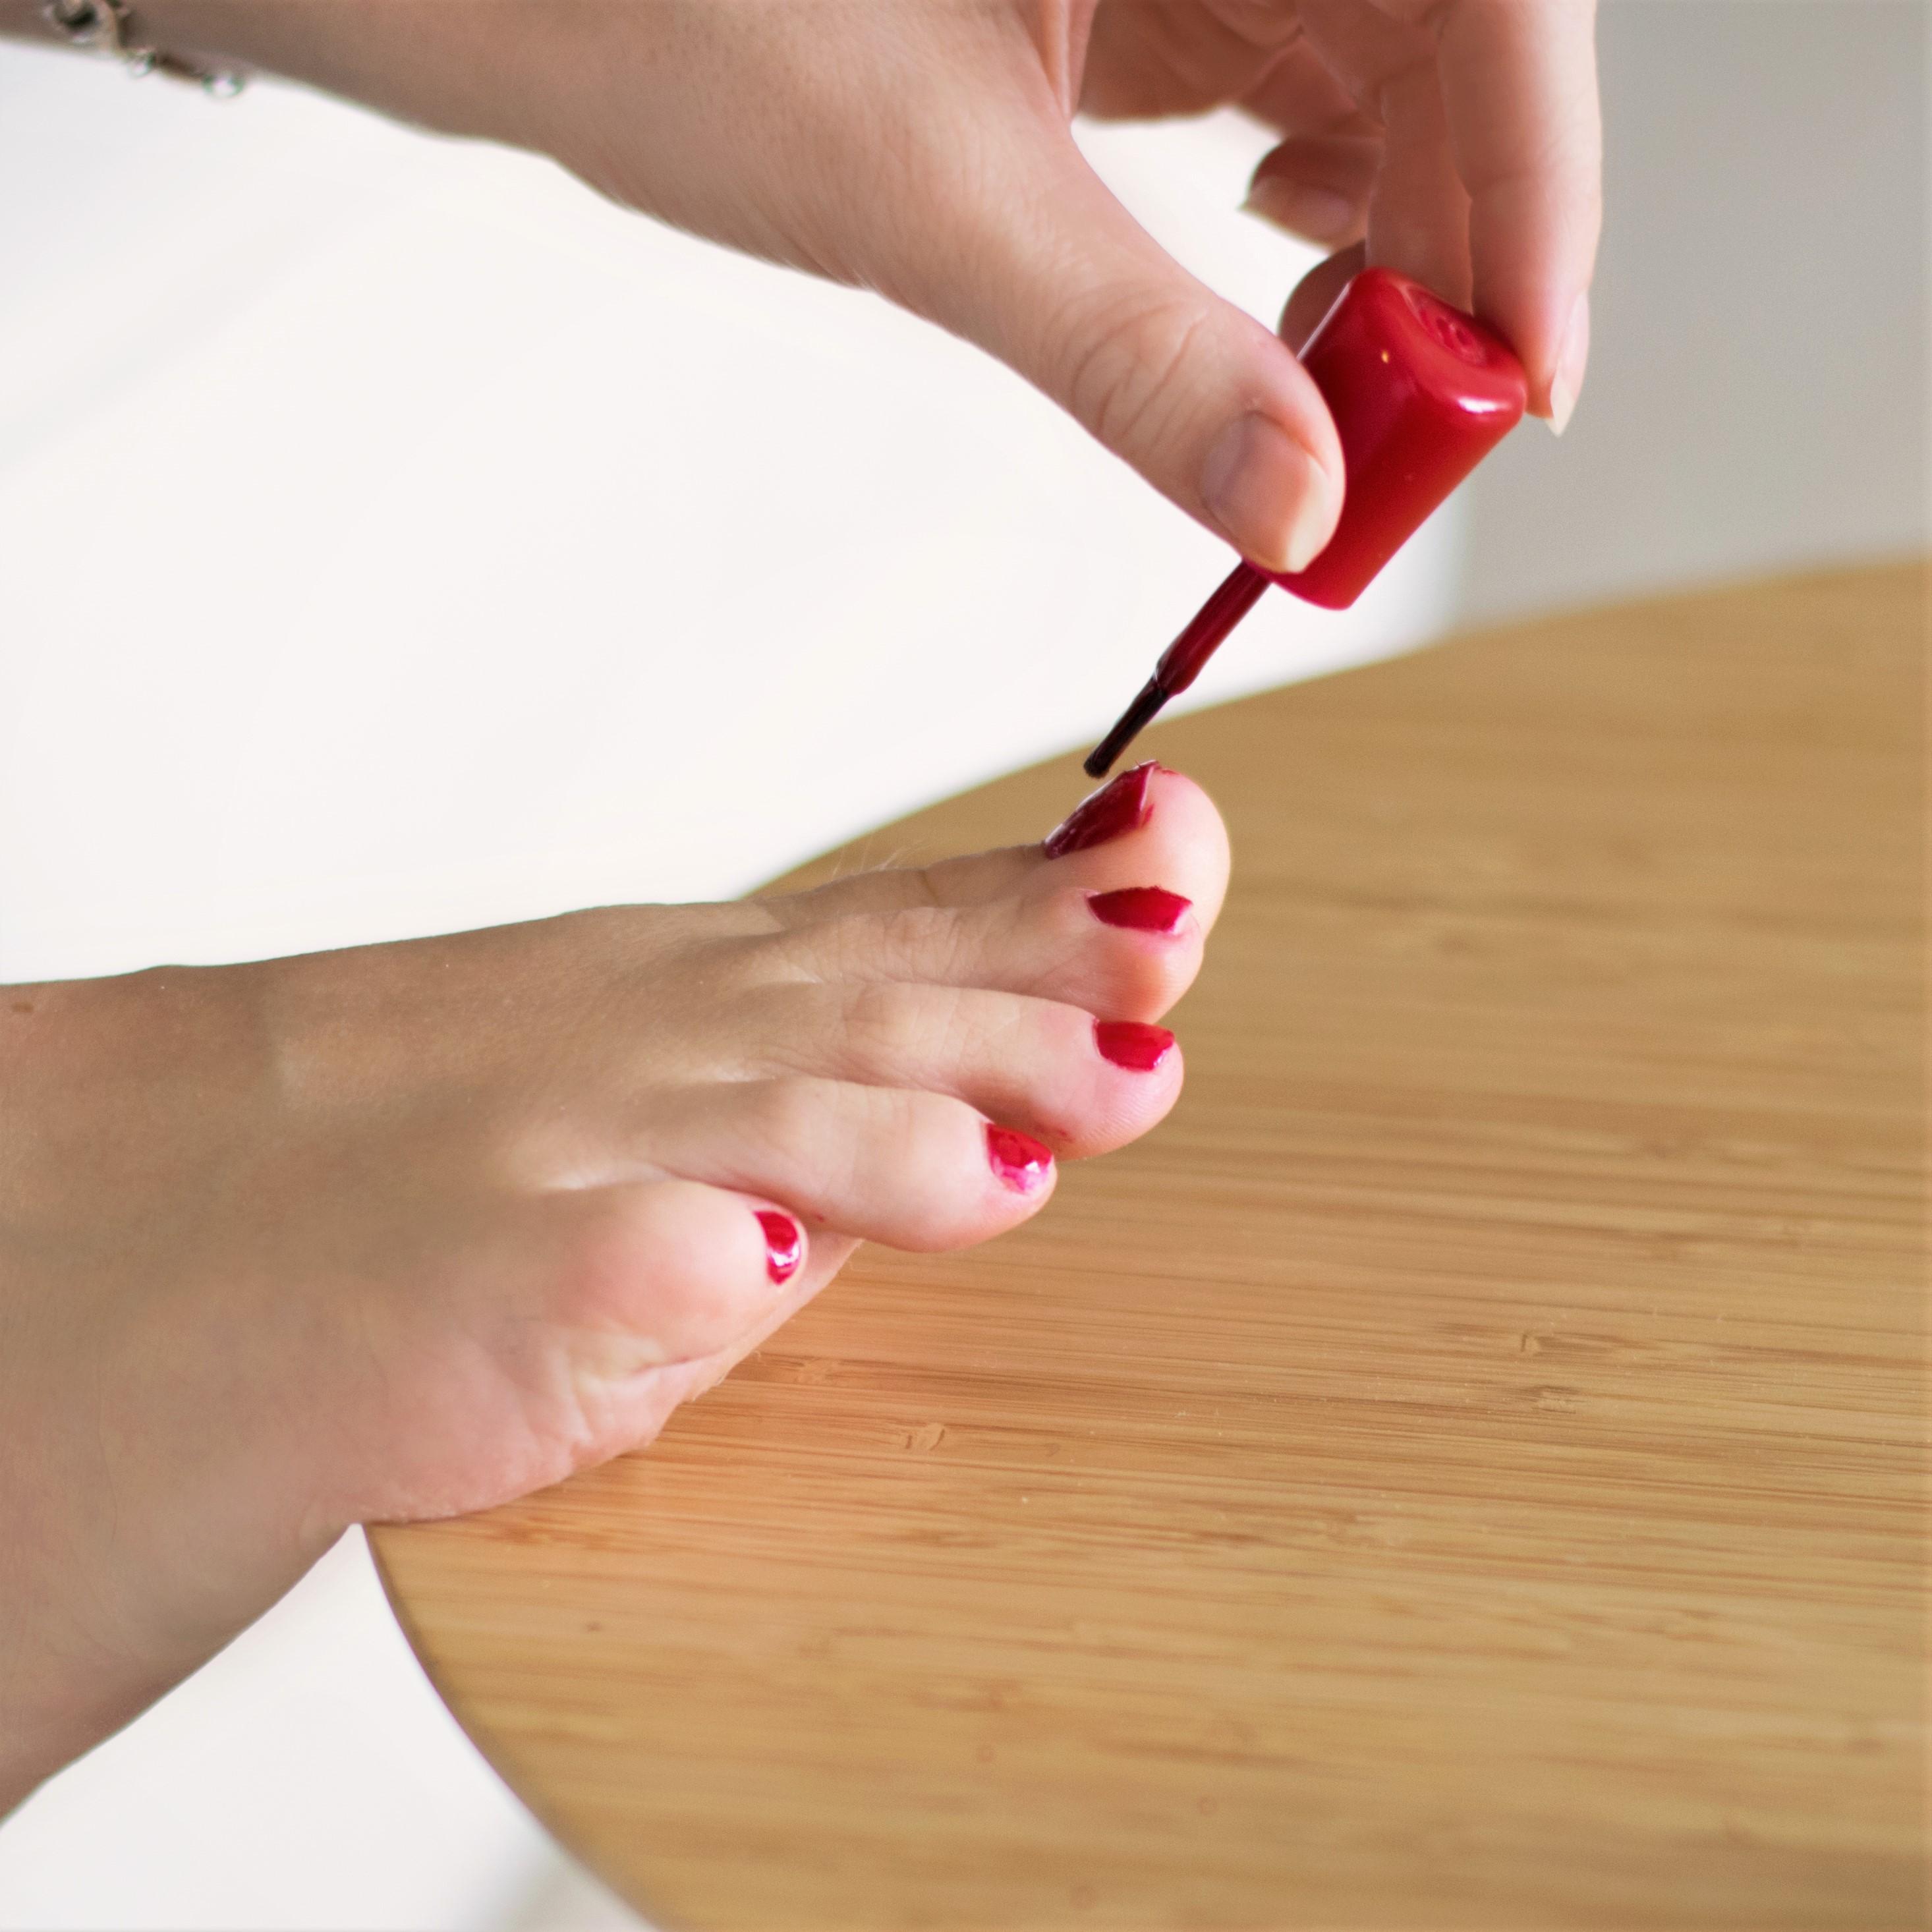 Incluye retirada de esmaltado permanente, limado y pulido de uñas, retirada de cutícula, hidratación de cutícula, limado de durezas, hidratación de la piel hasta el tobillo y esmaltado permanente